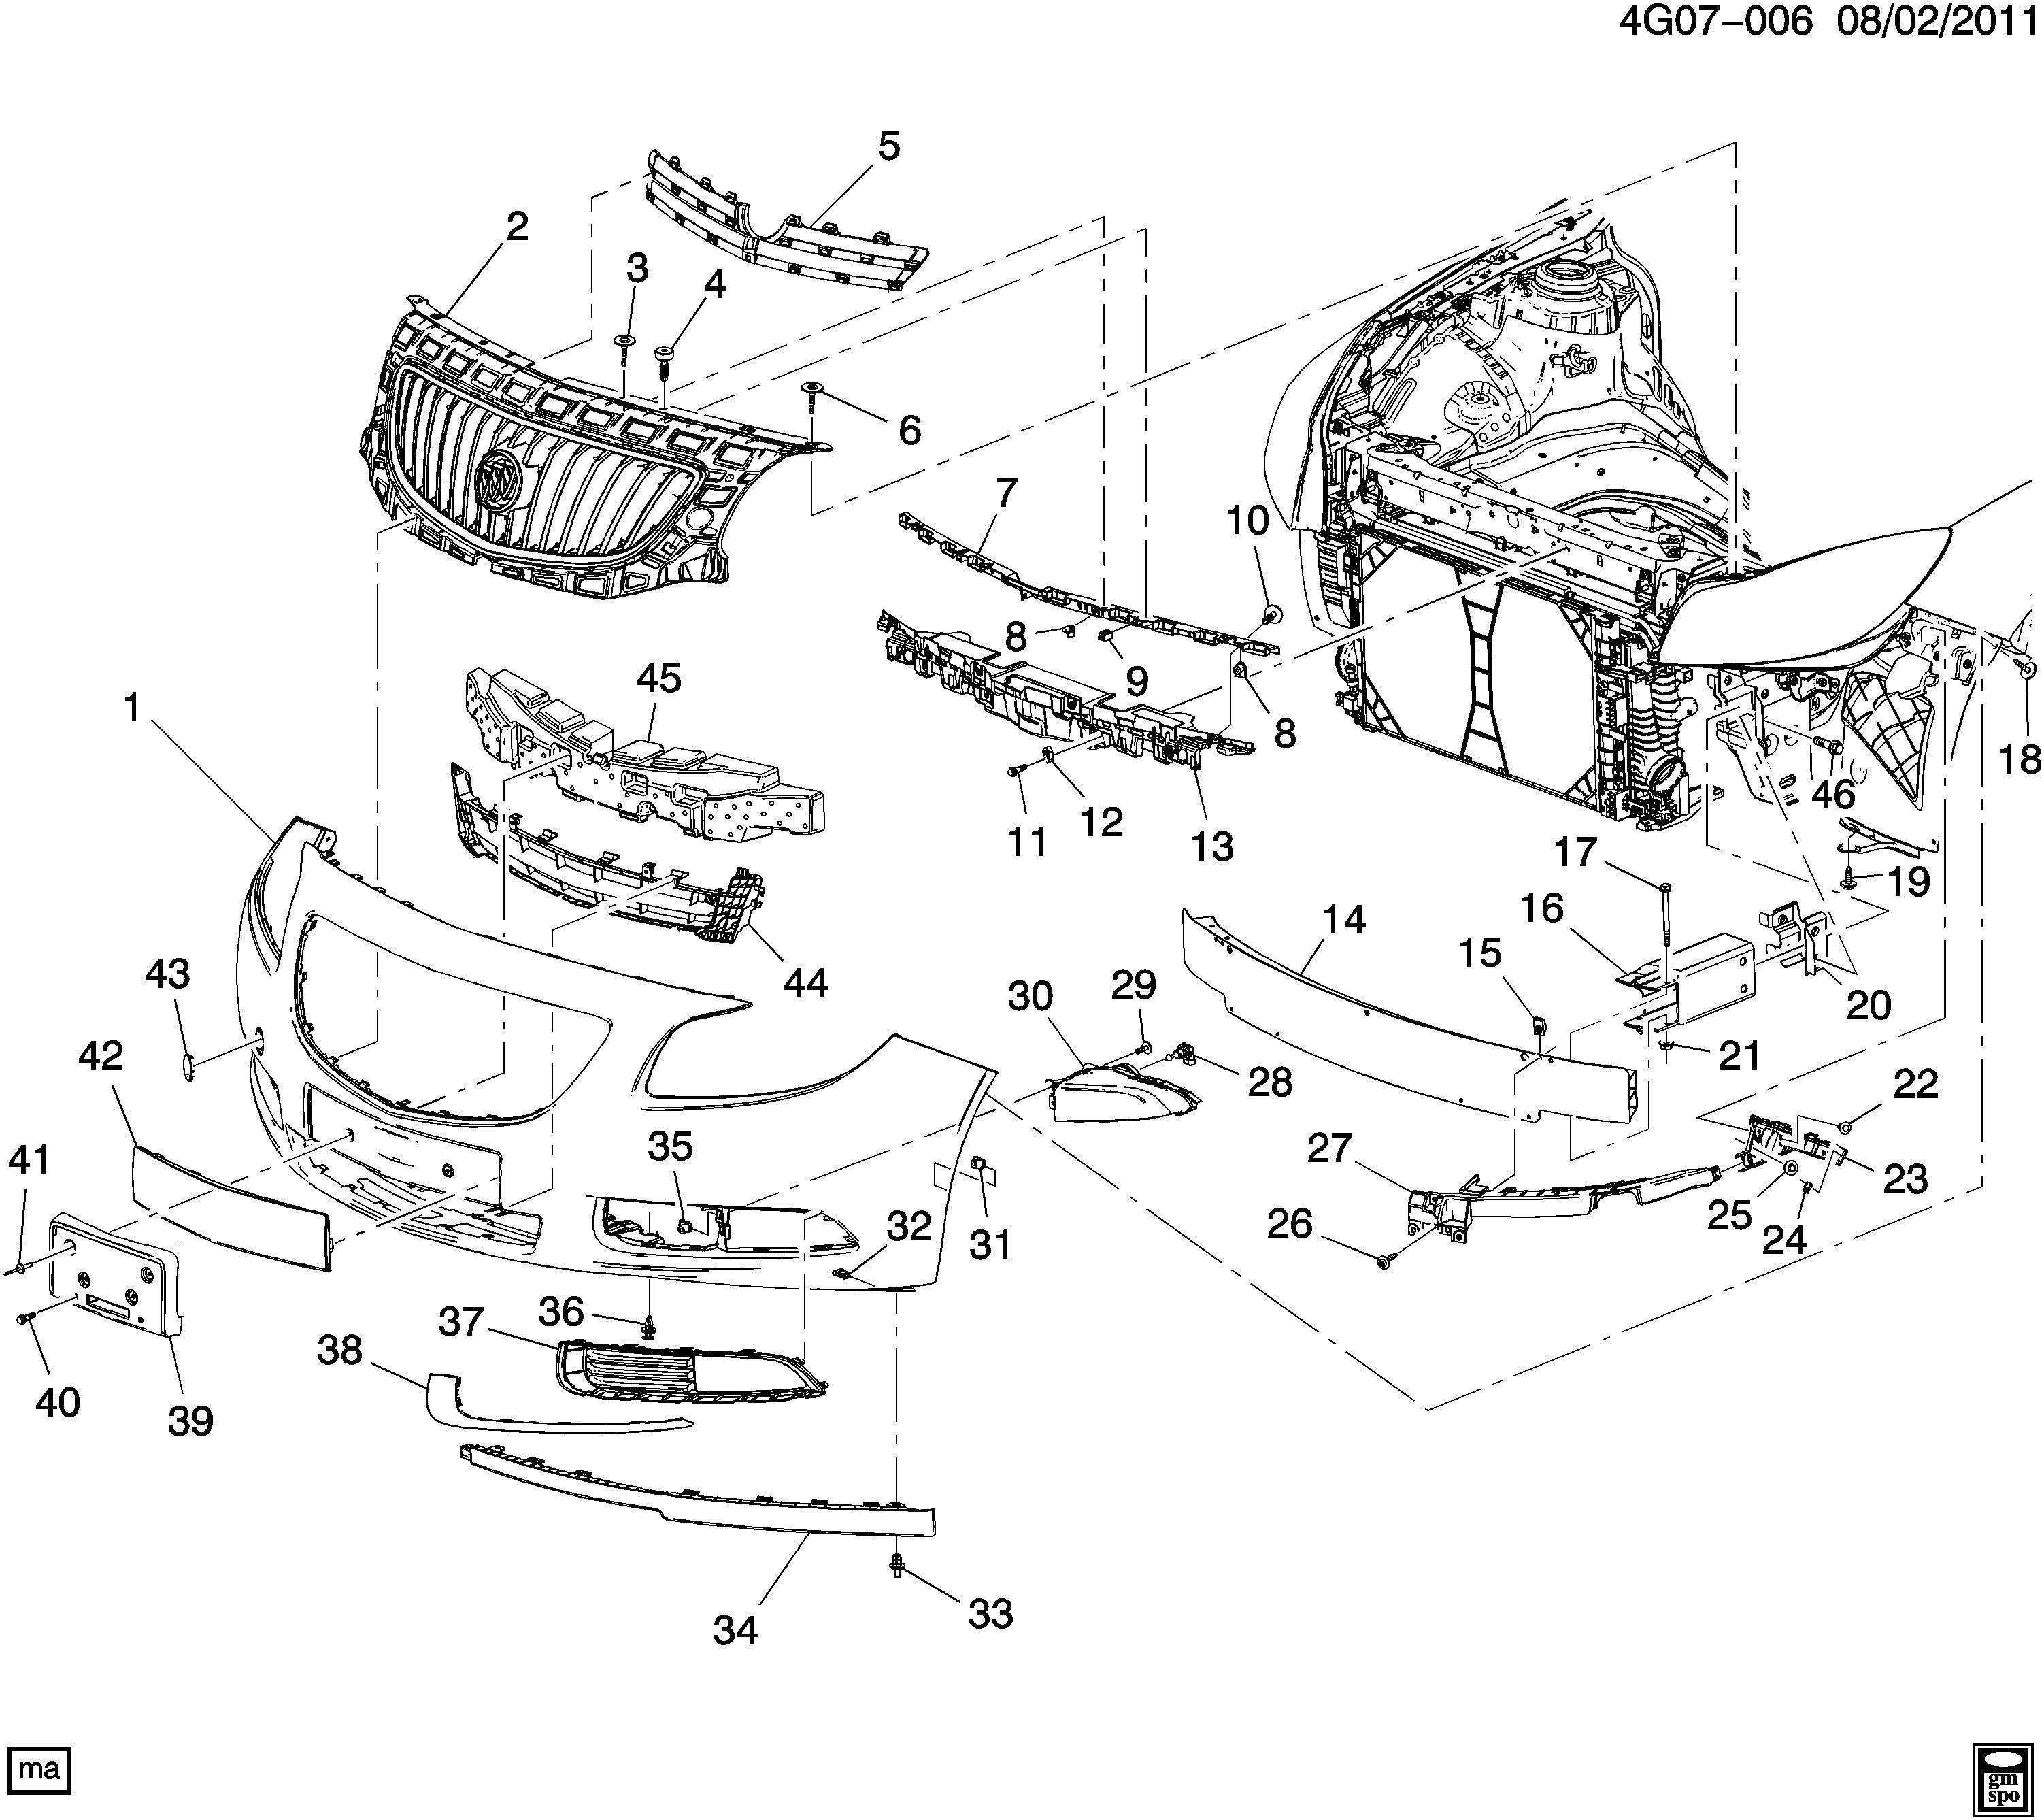 Buick Regal Grille. Radiator grille. Grille, frt lwr